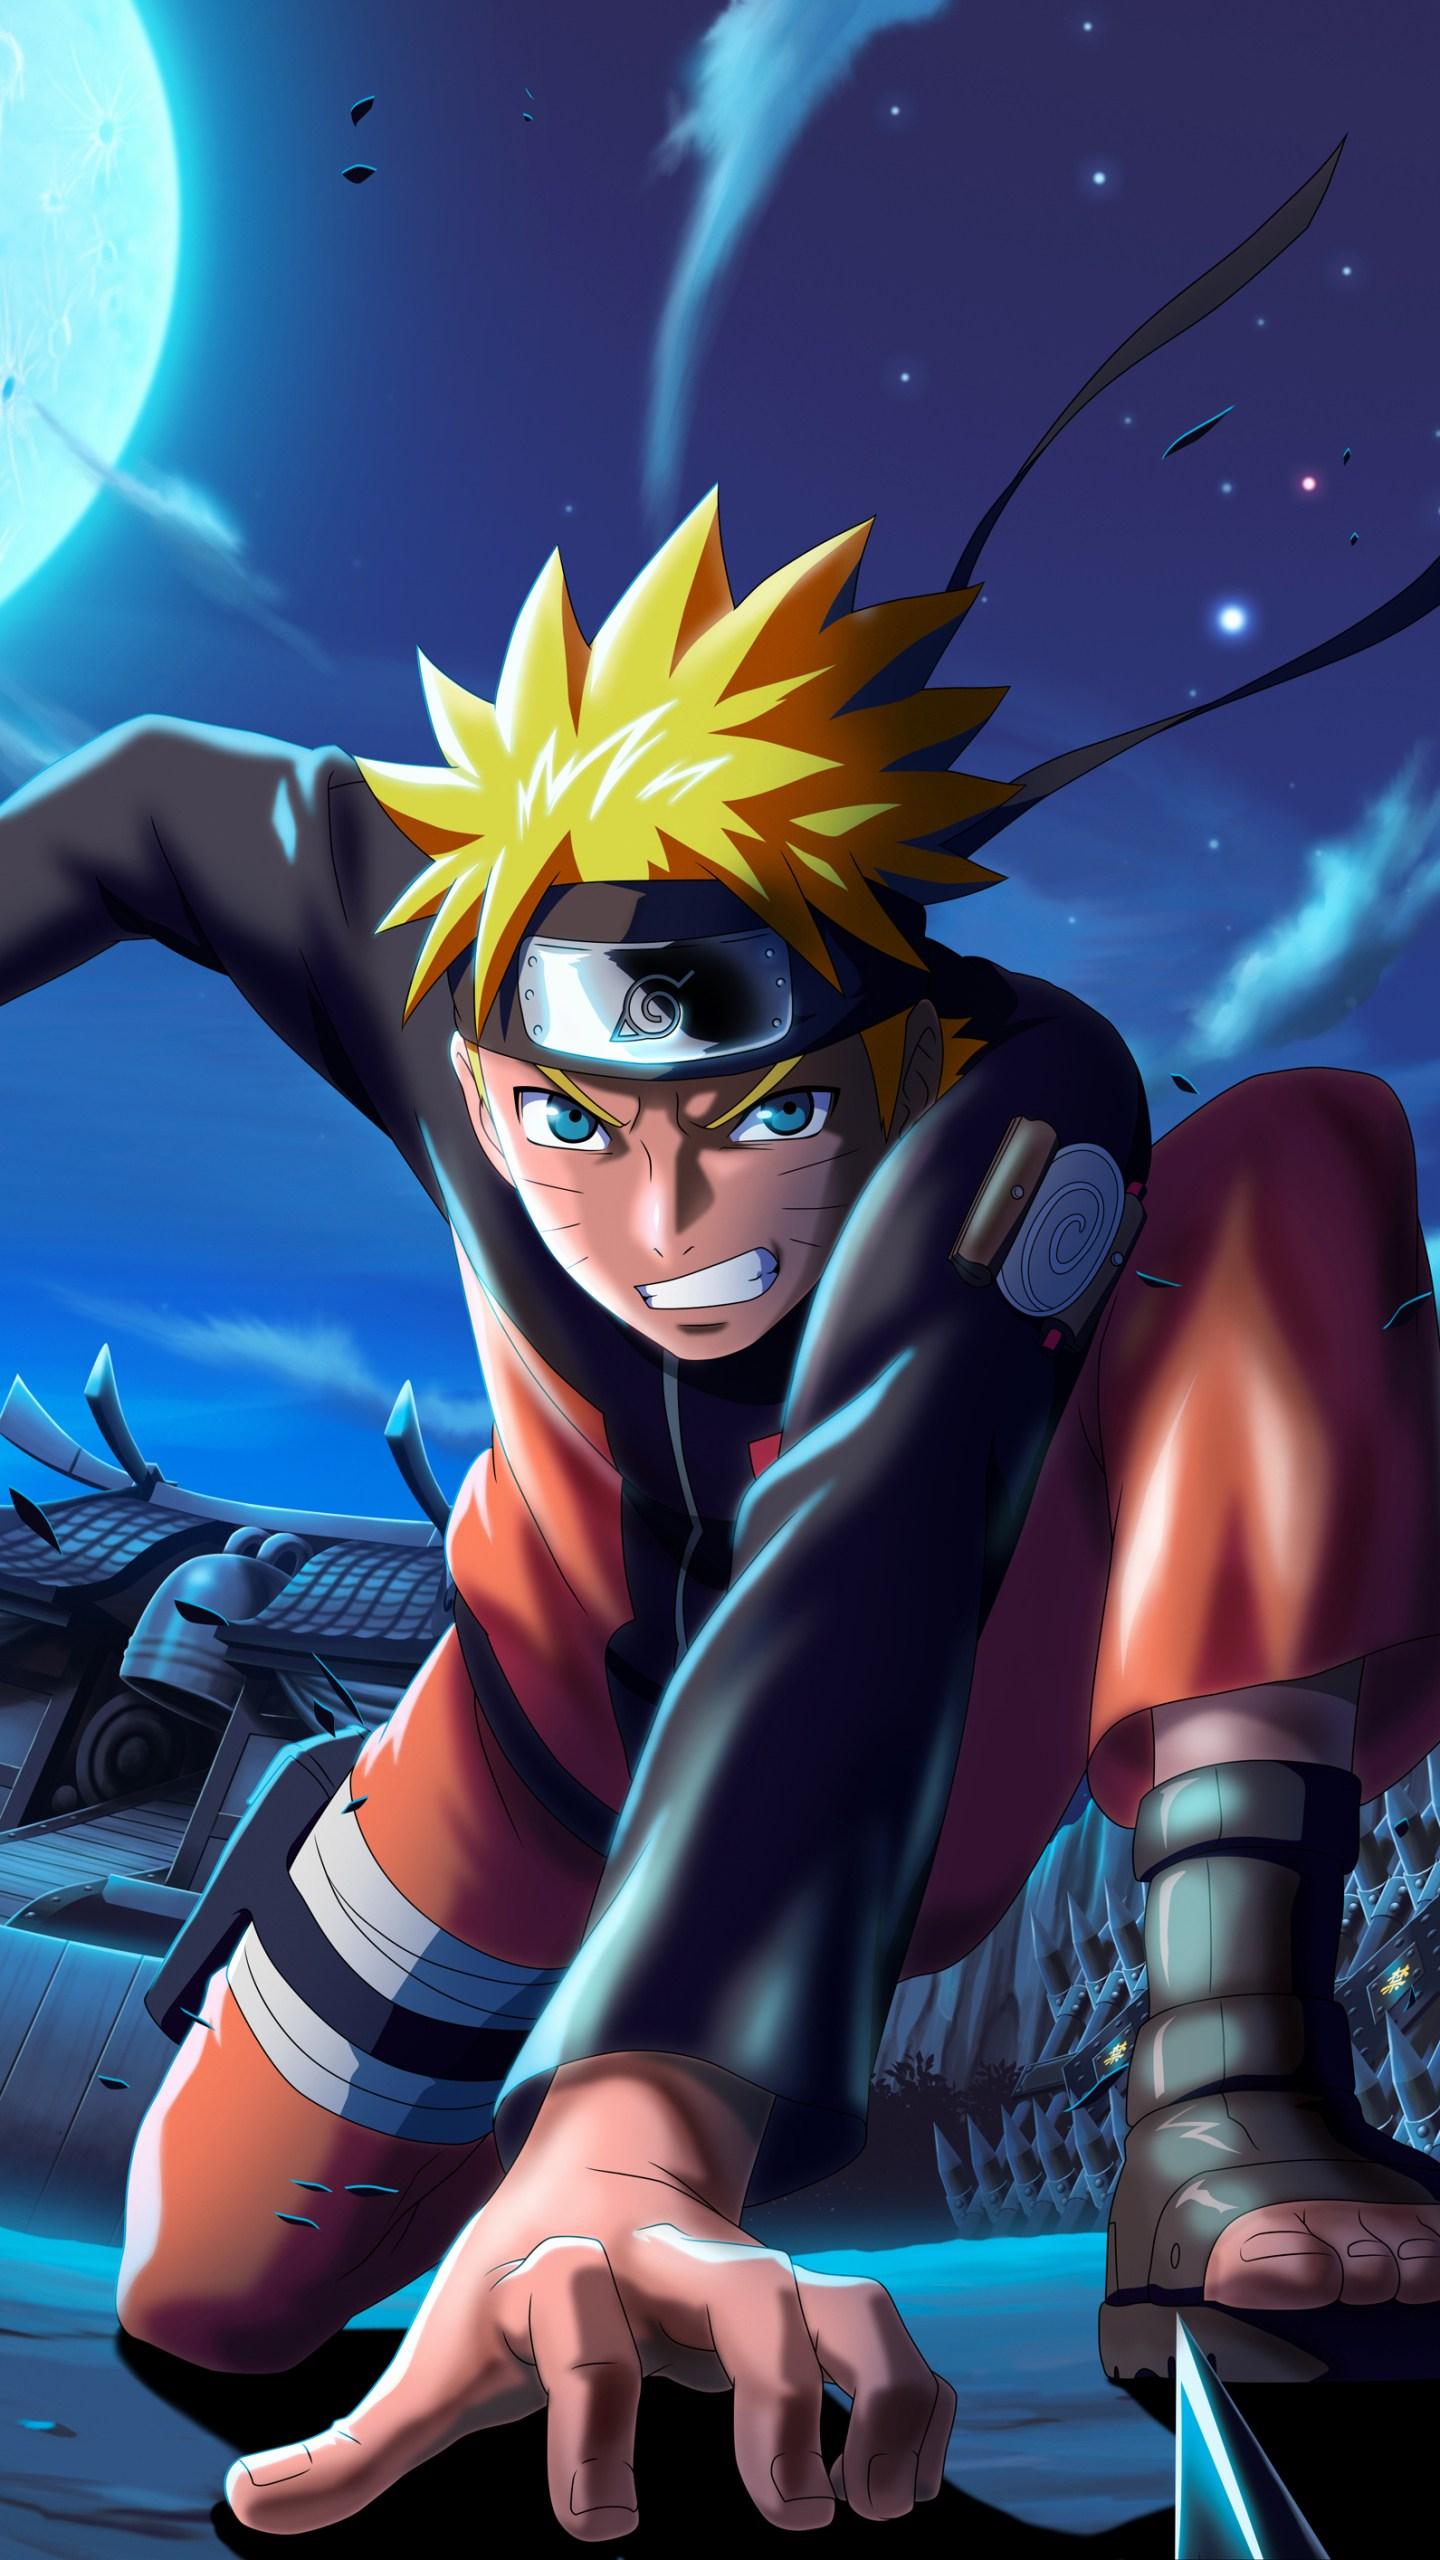 hình nền Naruto điện thoại iphone